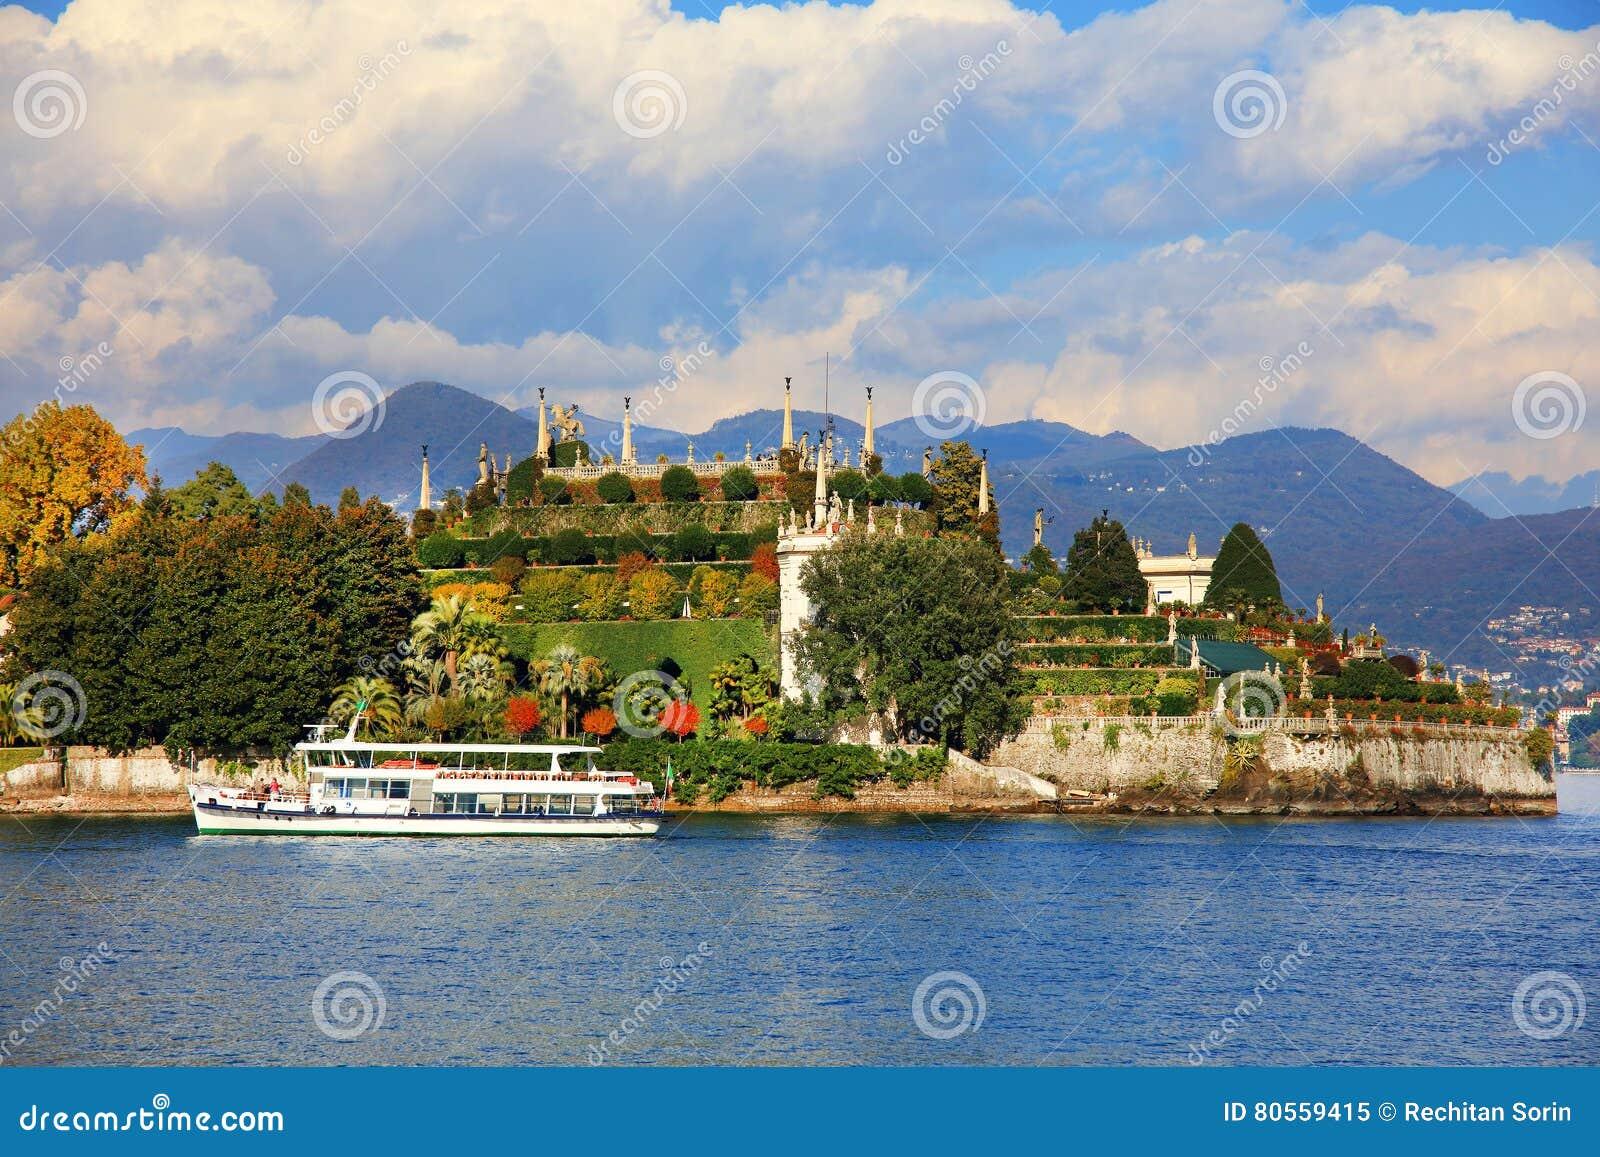 Isola Bella, Lago Maggiore,意大利,欧洲的风景看法